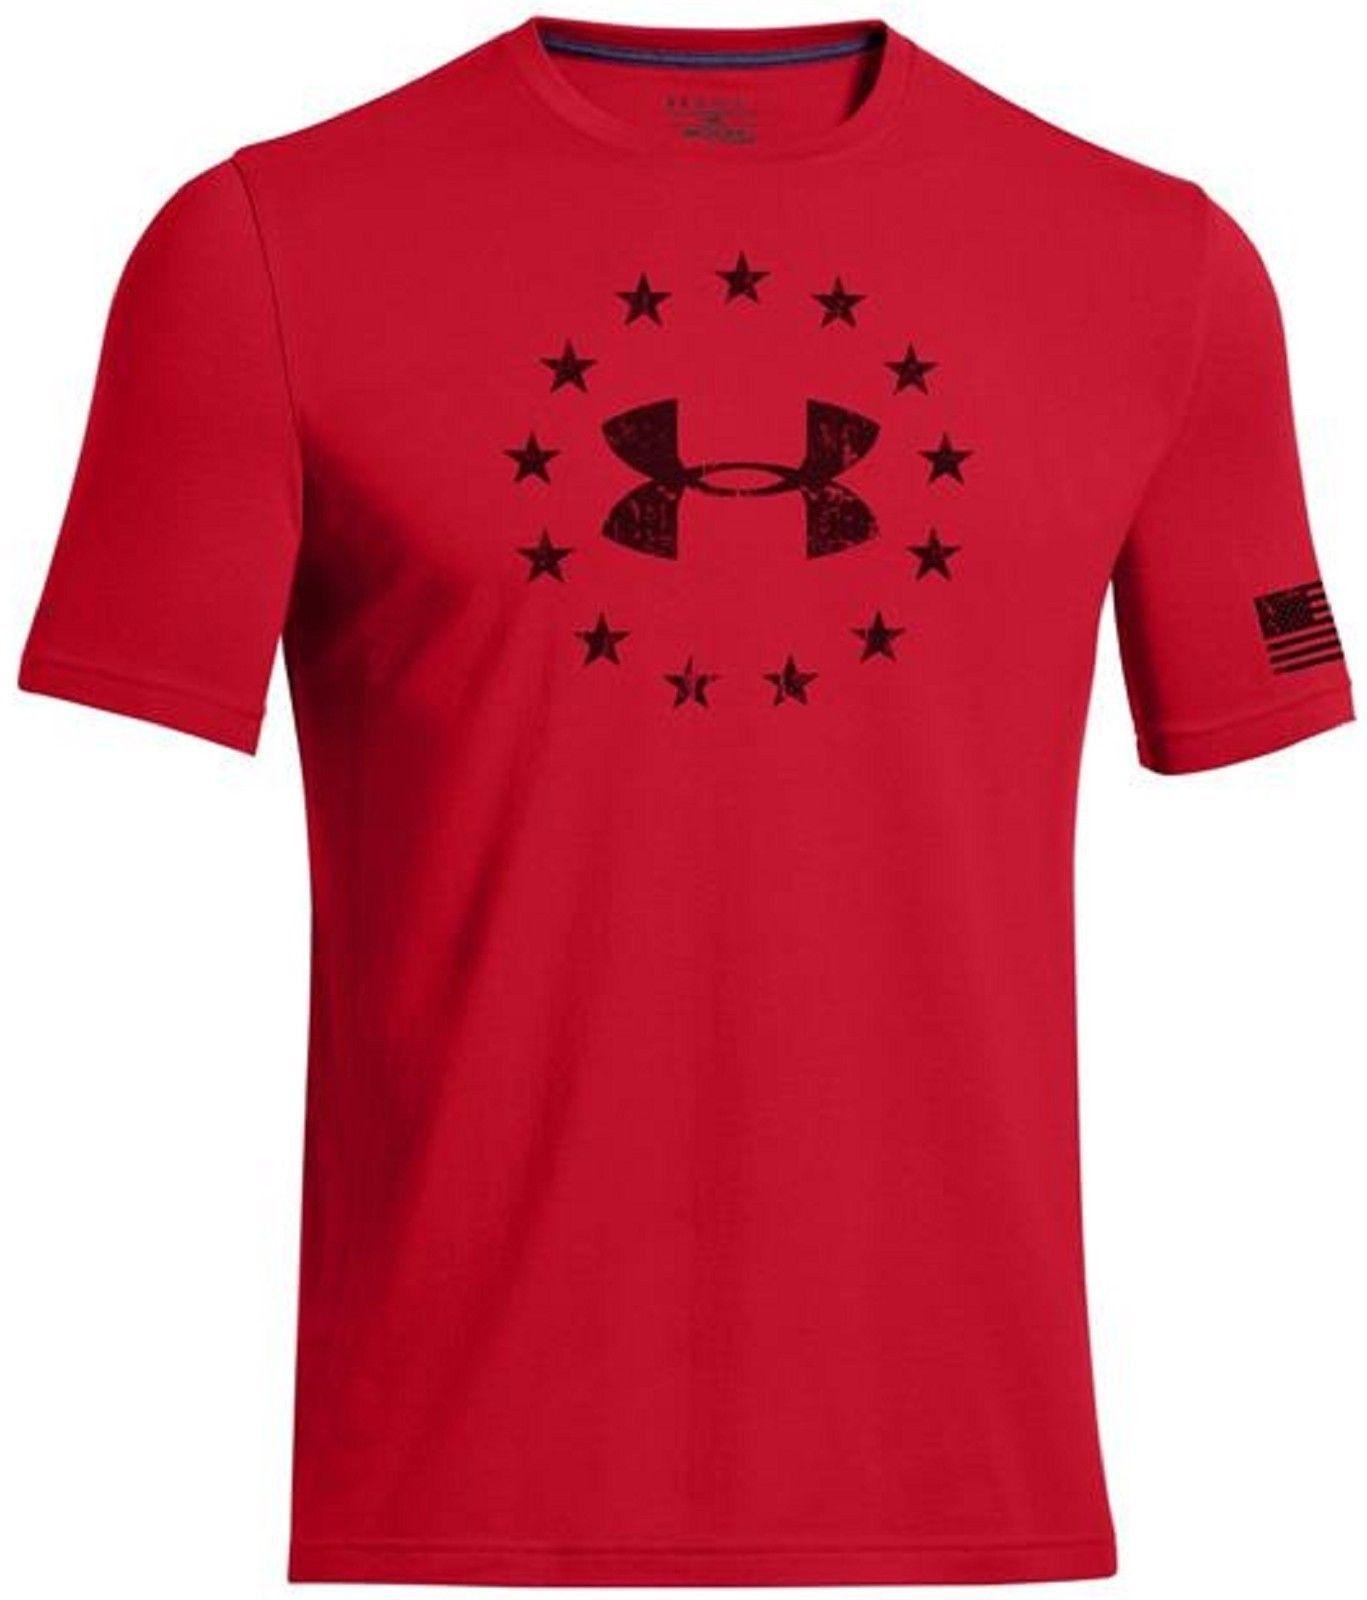 e73a99a150 Under Armour Mens FREEDOM Short Sleeve T-Shirt - UA Patriotic Stars ...